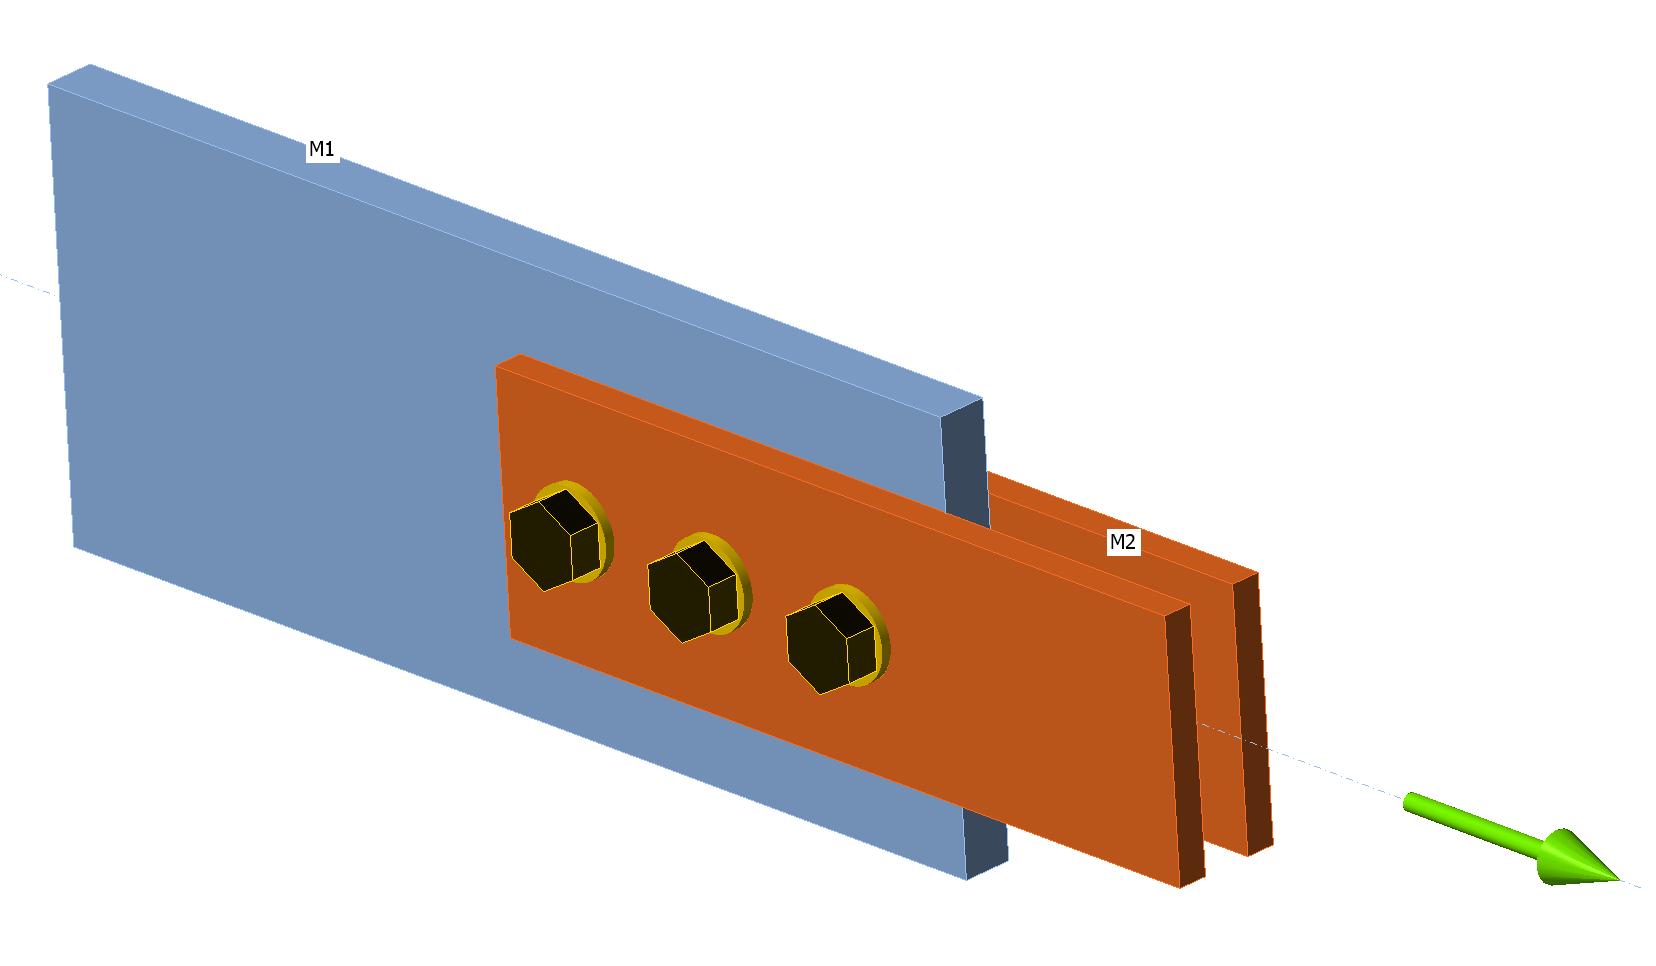 Voorbeeld stuikweerstand bouten met behulp van randafstanden in IDEA CONNECTION in v 20.1